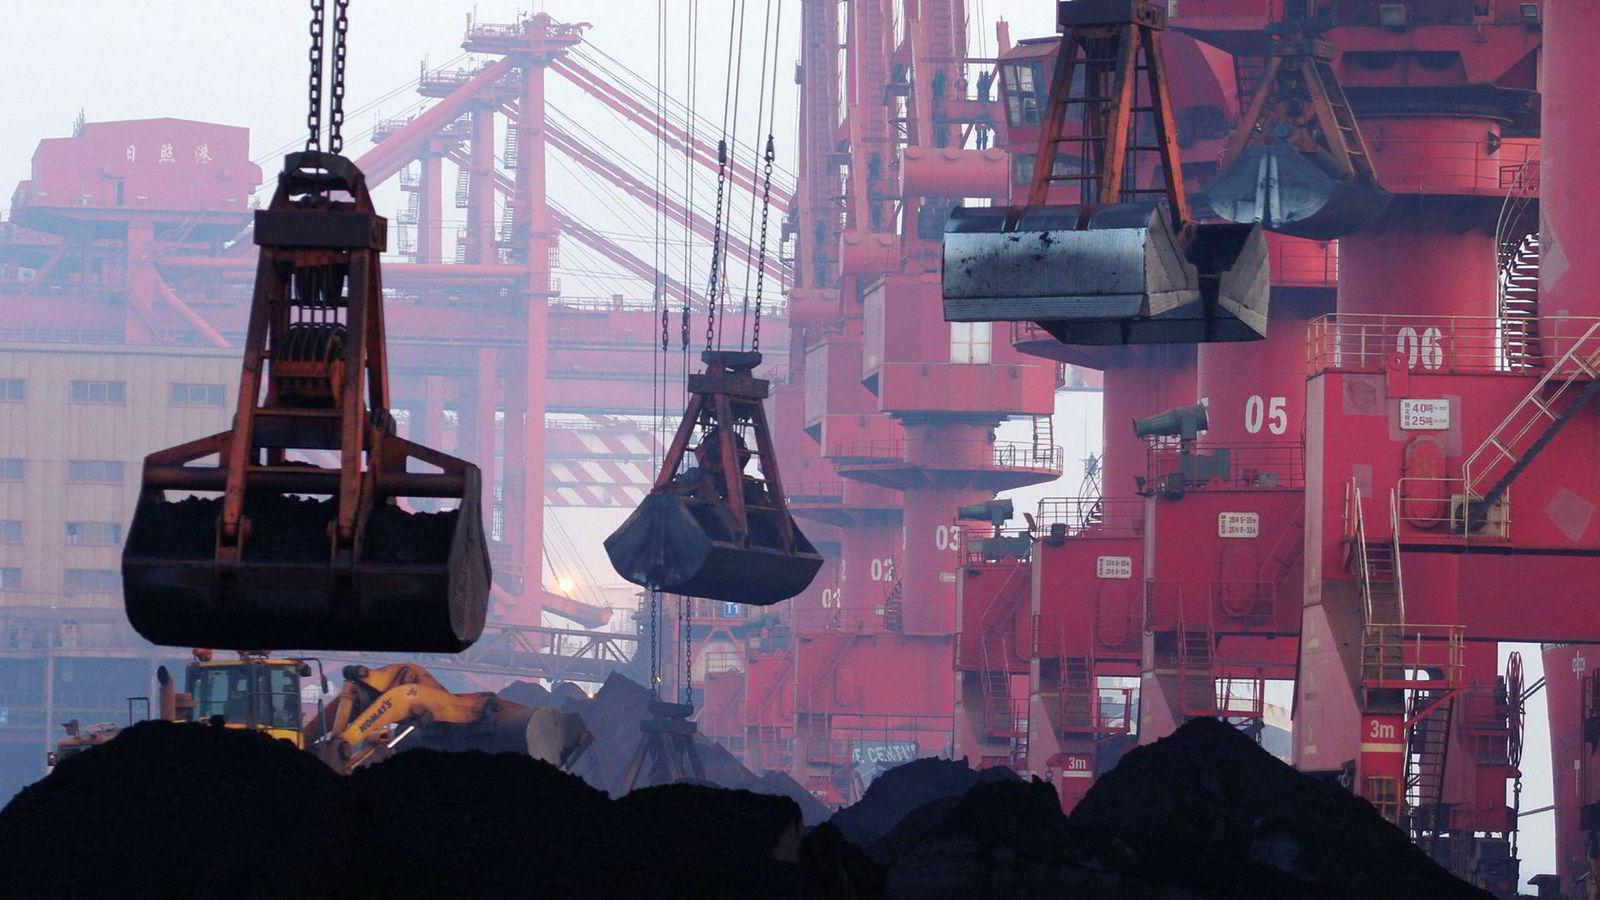 Bruken av kull må ned med 75 prosent, og så å si forsvinne innen 2050. Olje til energi må ned med mellom 60 og 80 prosent innen midten av århundret, gass med 50 prosent i de fleste scenarioene. Kjernekraft må øke, som en mellomløsning mens sol og vind etableres. Her lastes importert jernmalm fra Nord-Korea på kaien i Rizhao i Øst-Kinas Shandong-provins.